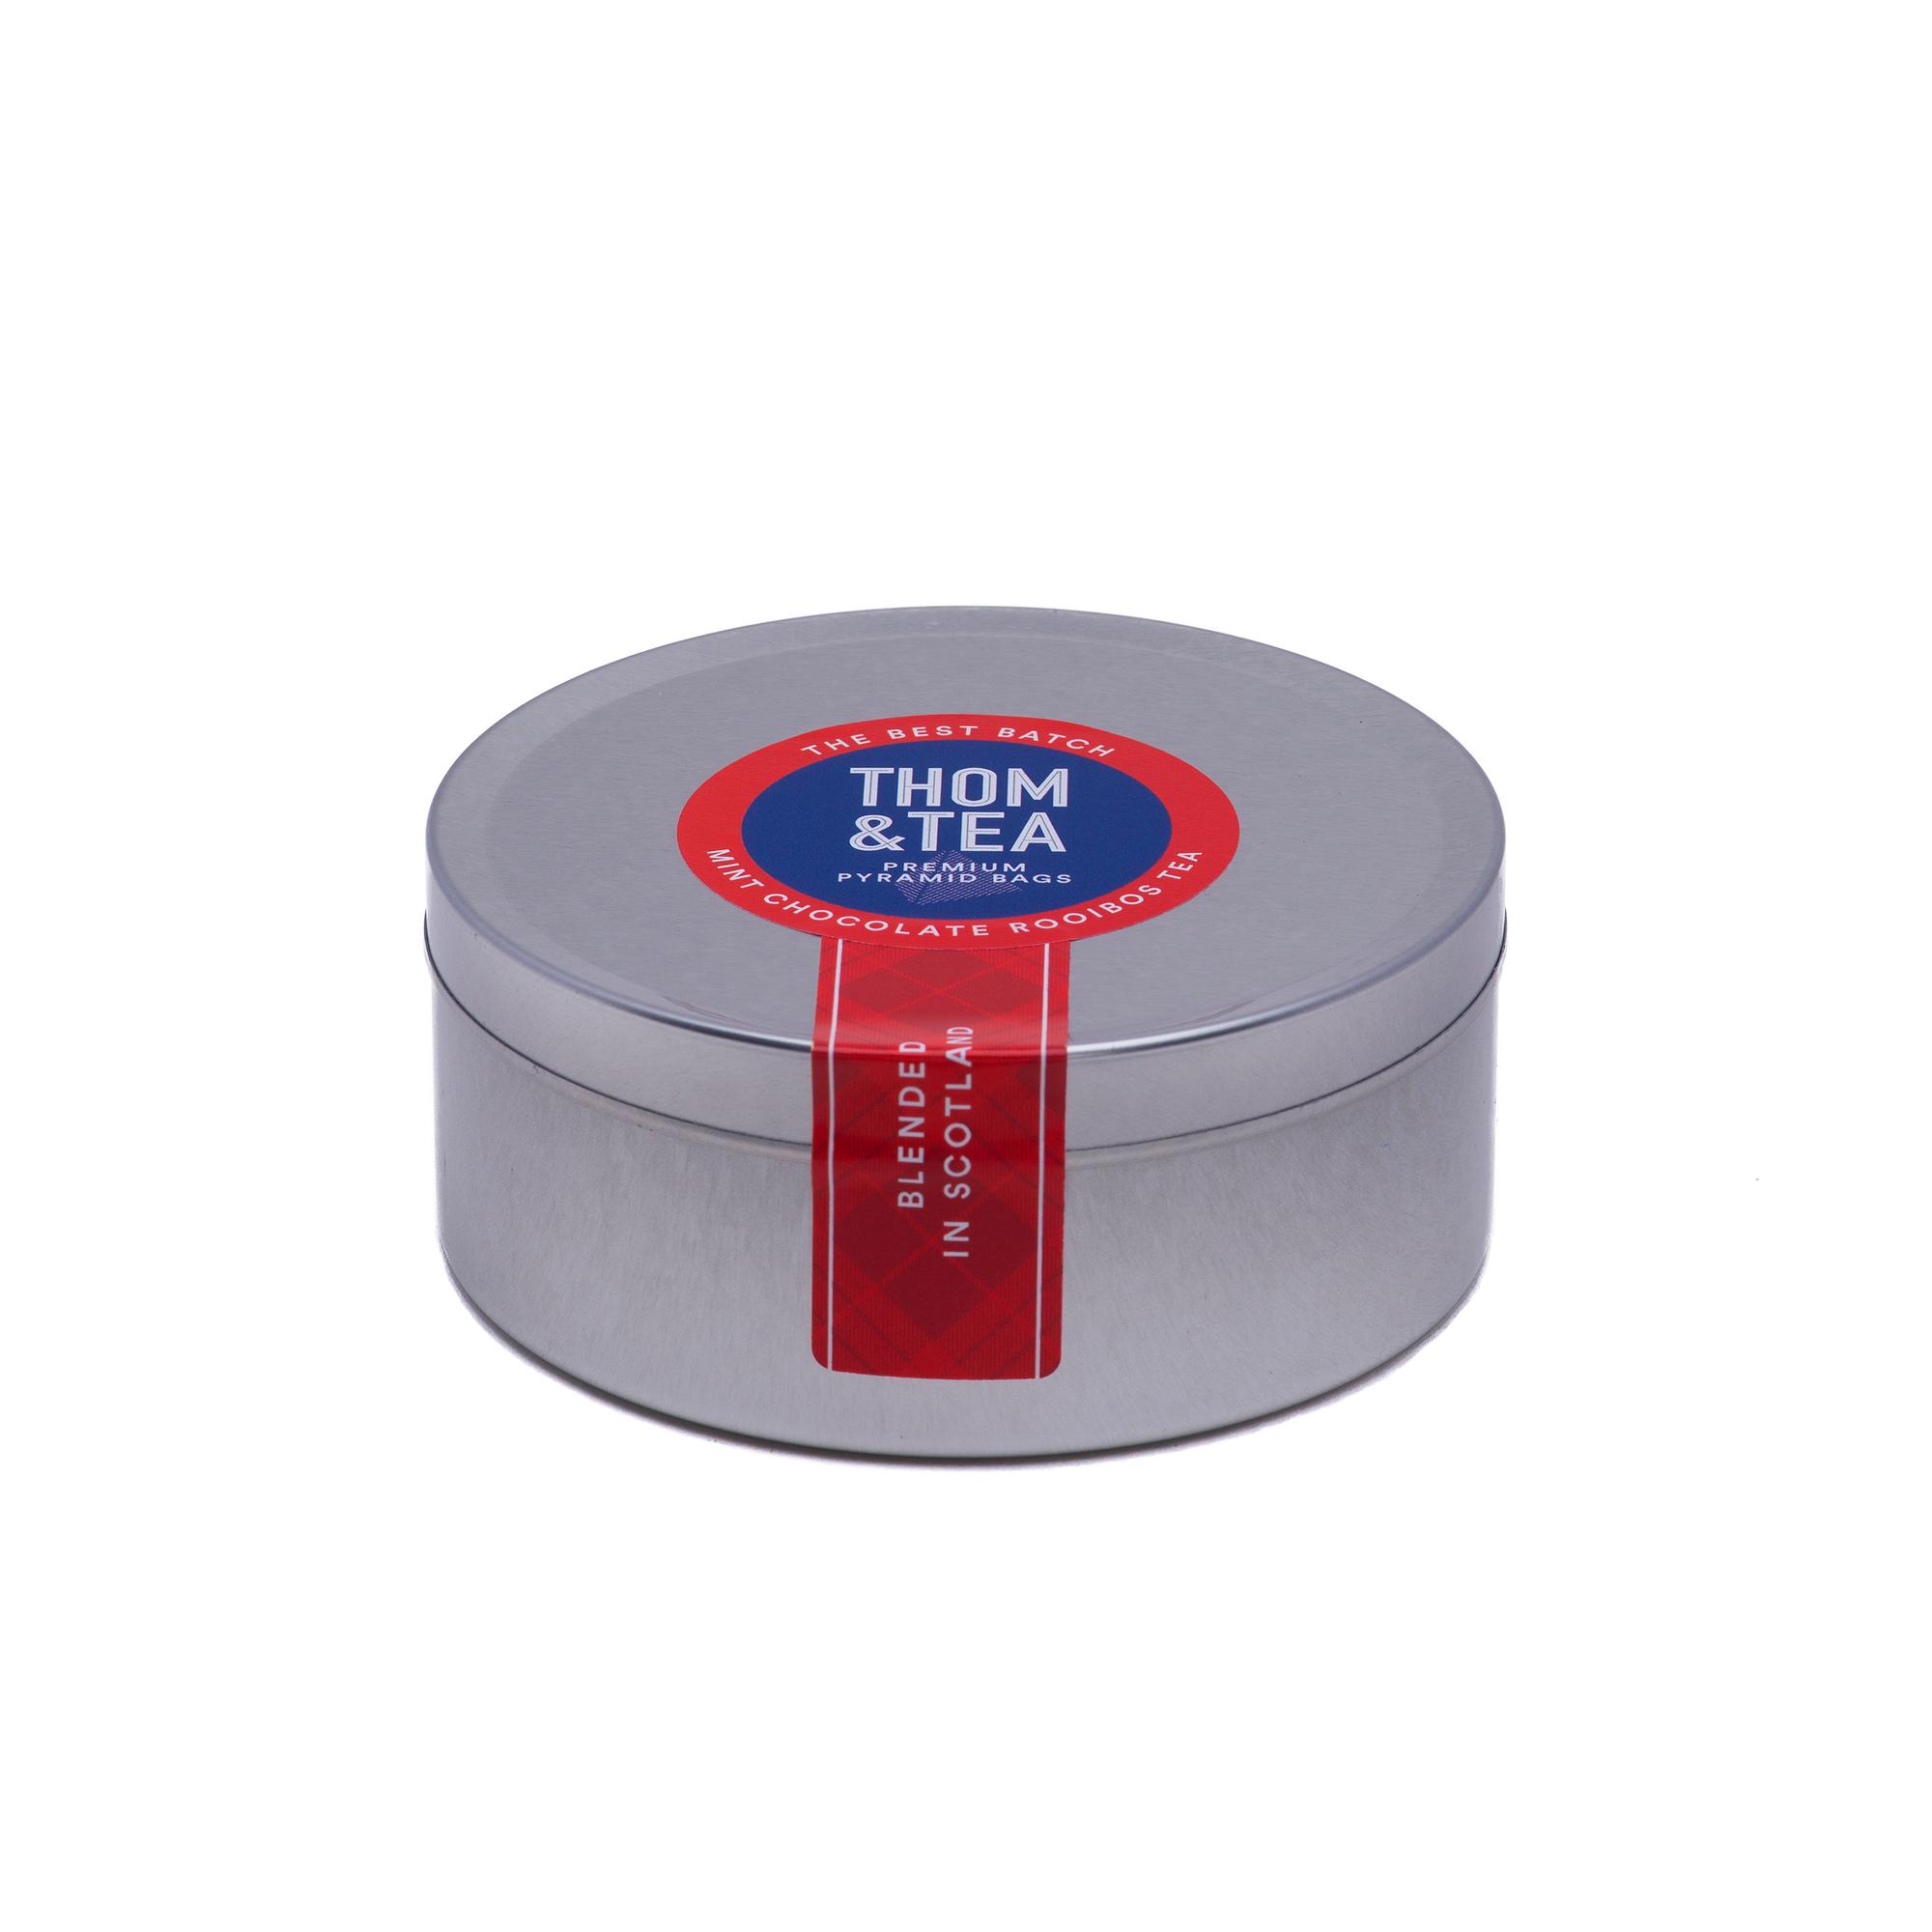 THOM&TEA-Mint-Choc-Small-Tin.jpg